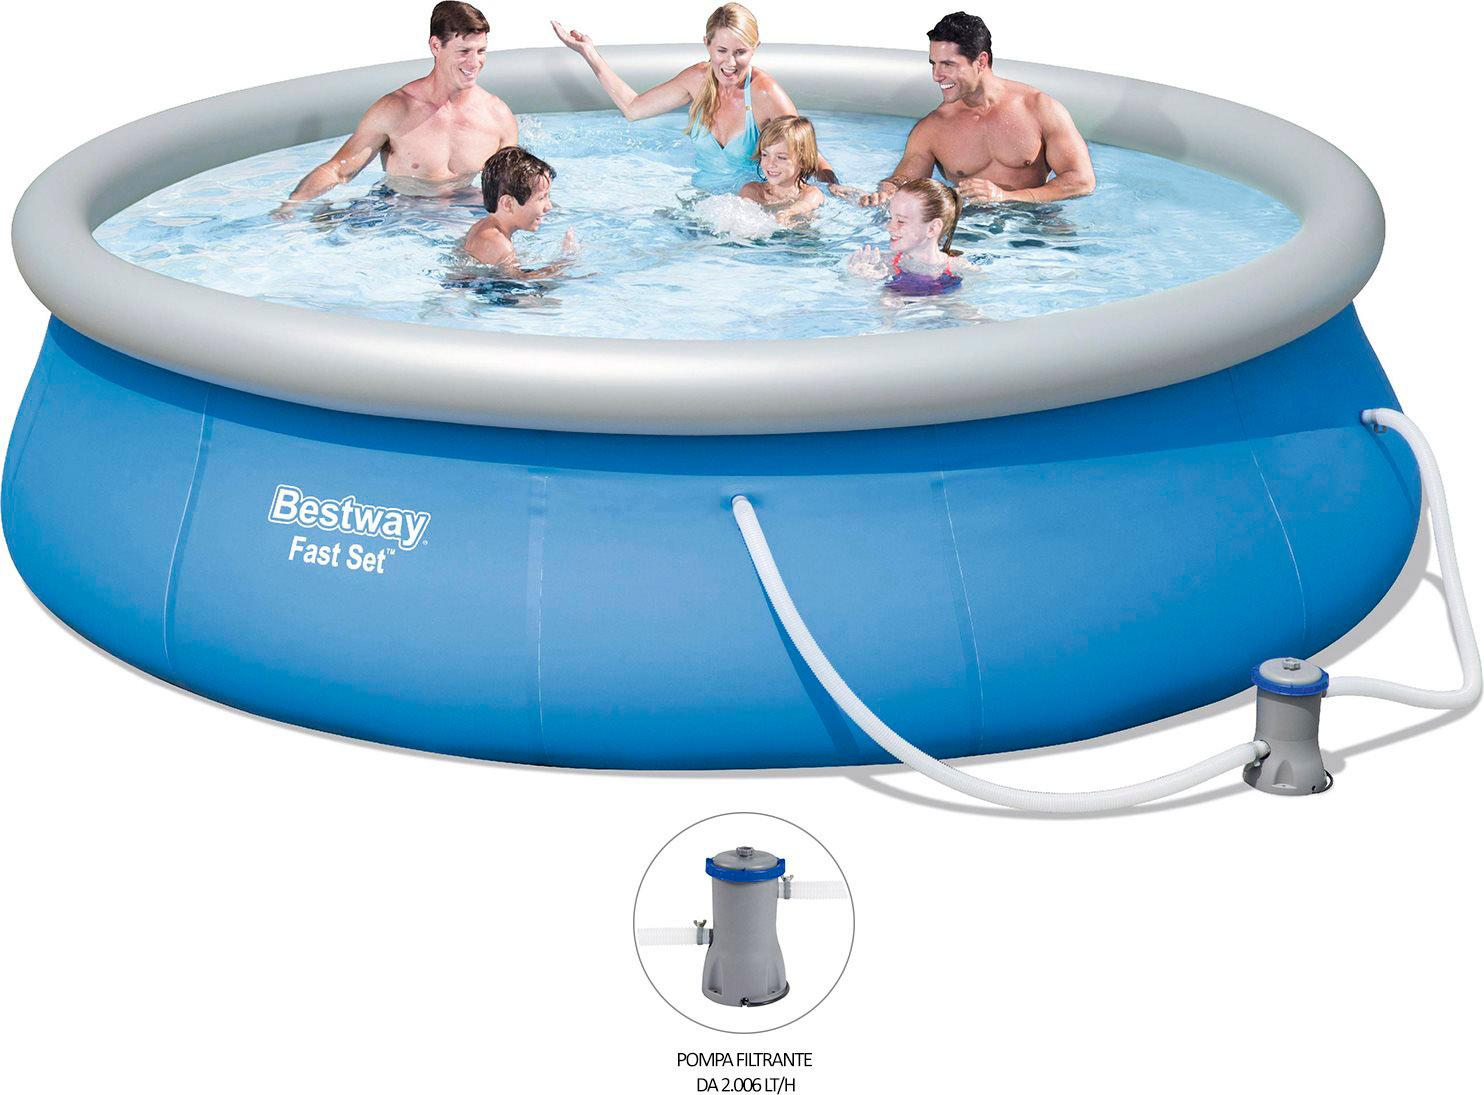 Bestway piscina fuoriterra fuori terra autoportante - Piscine fuori terra autoportanti ...